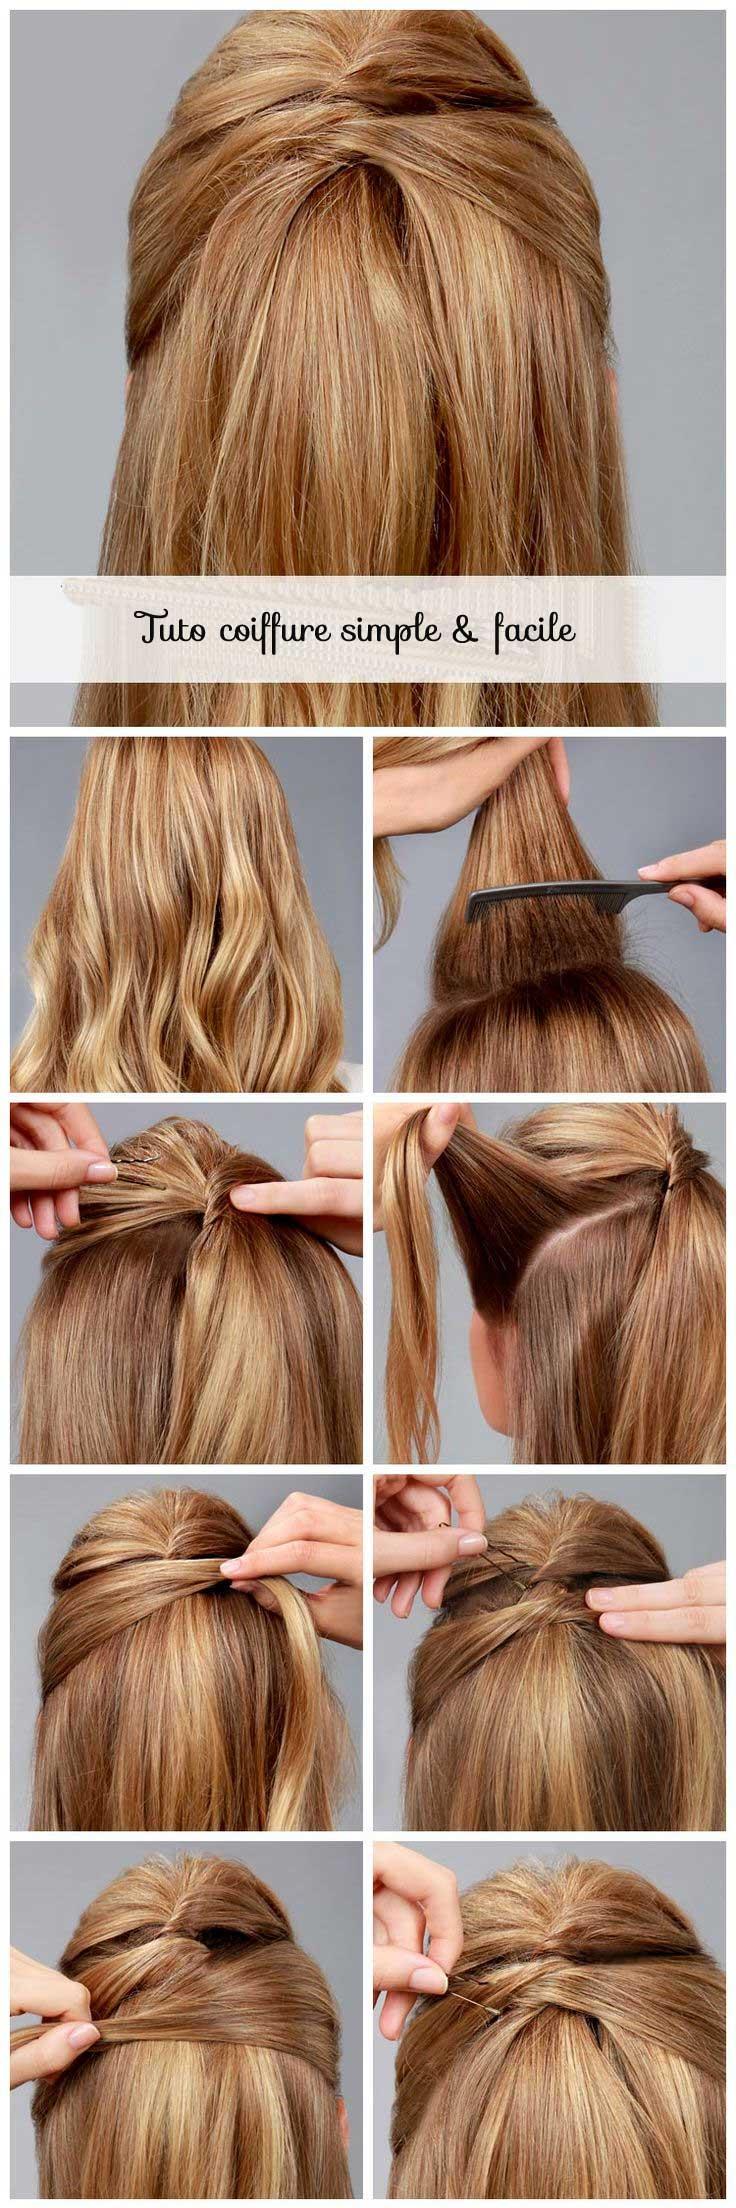 tuto-coiffure-simple-et-facile